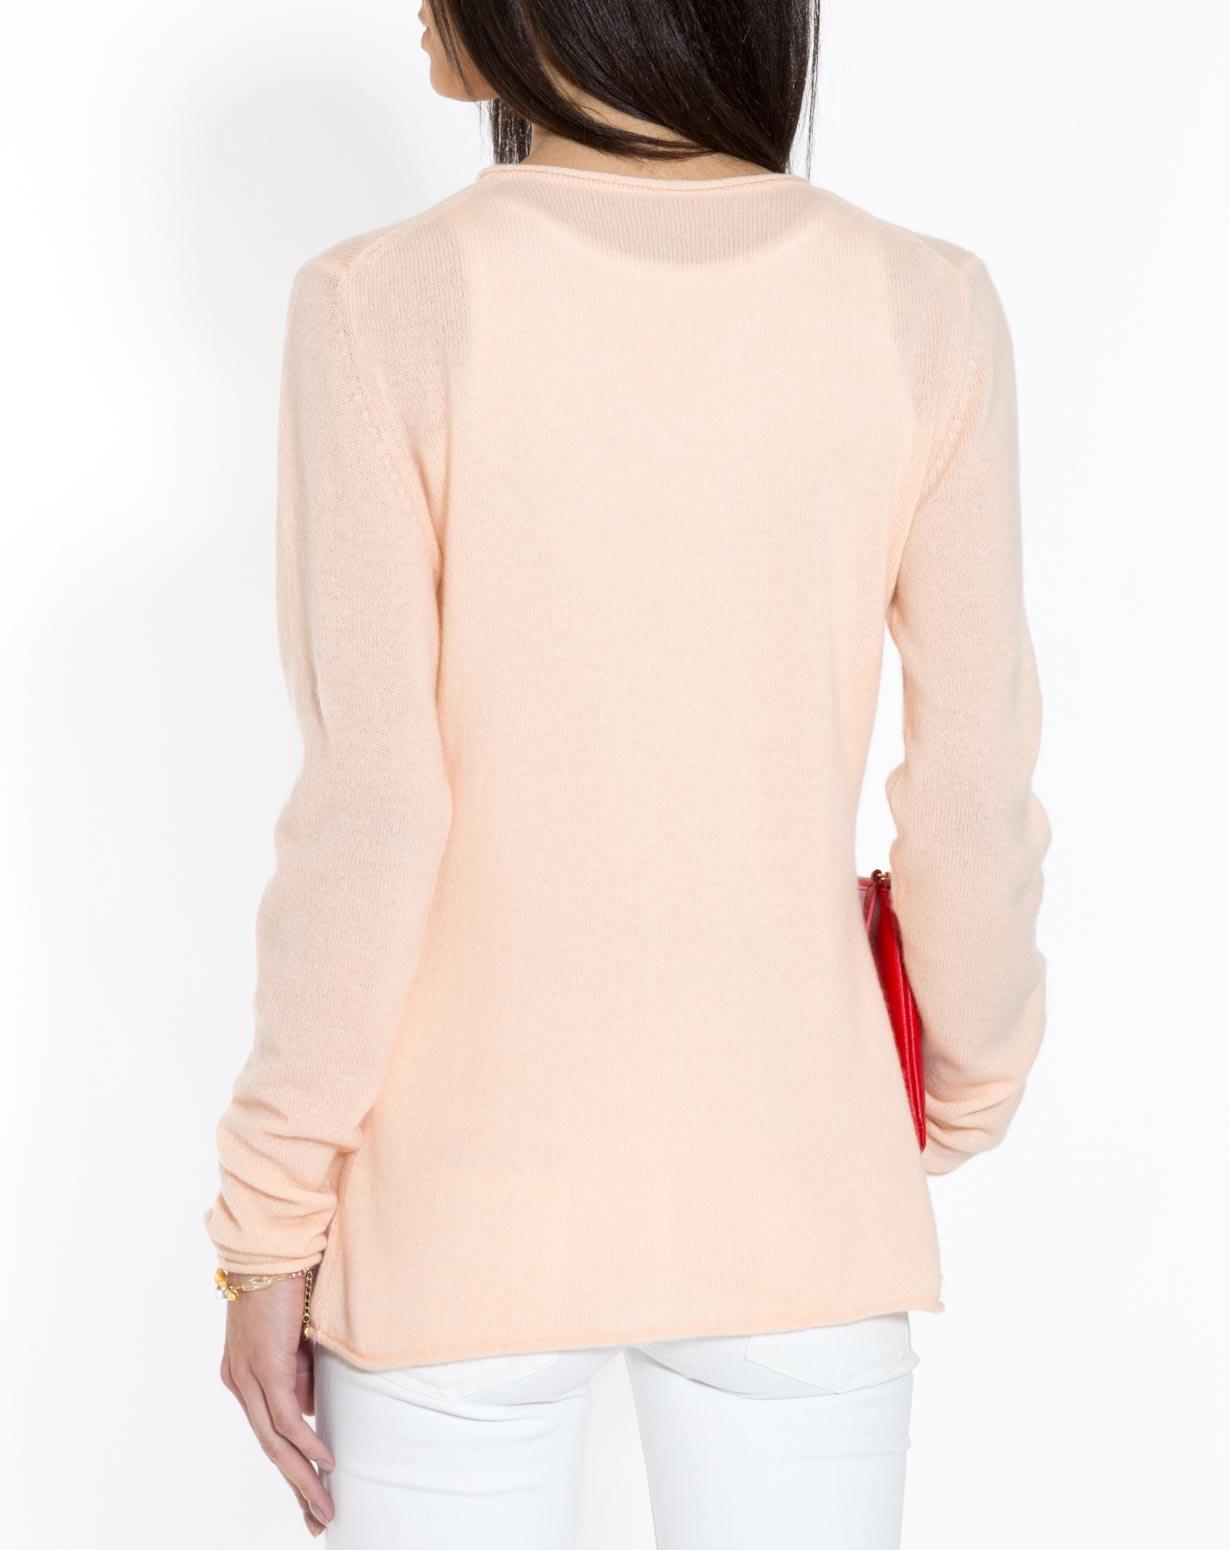 Oversized Cashmere V Neck Sweater | MaisonCashmere